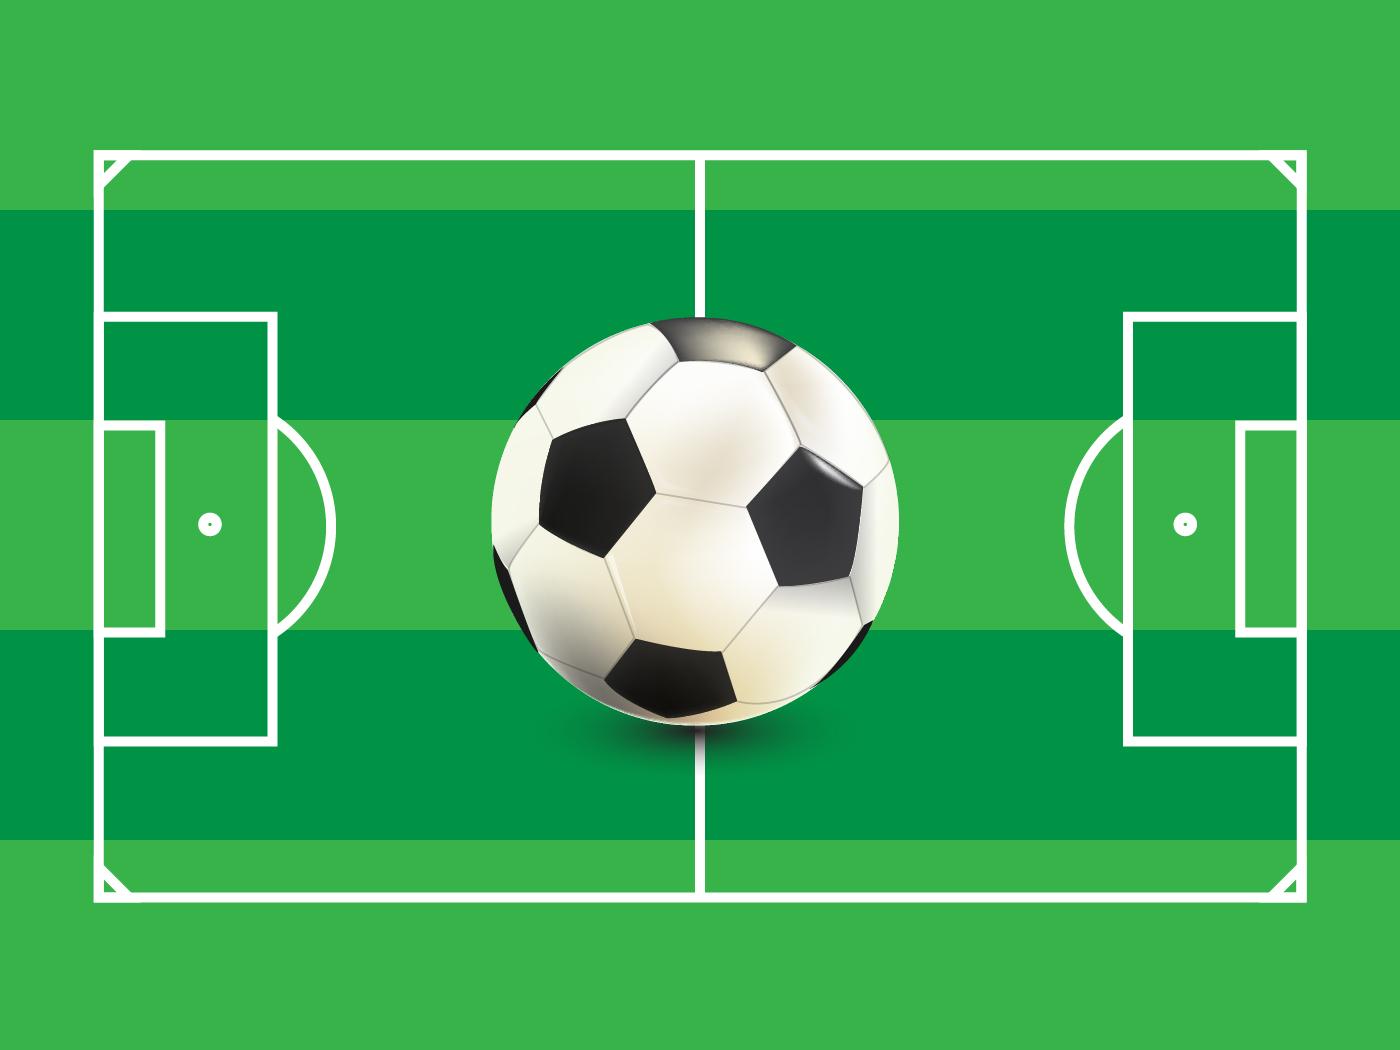 Fussball Hintergrundbilder Kostenlos Download Ohne